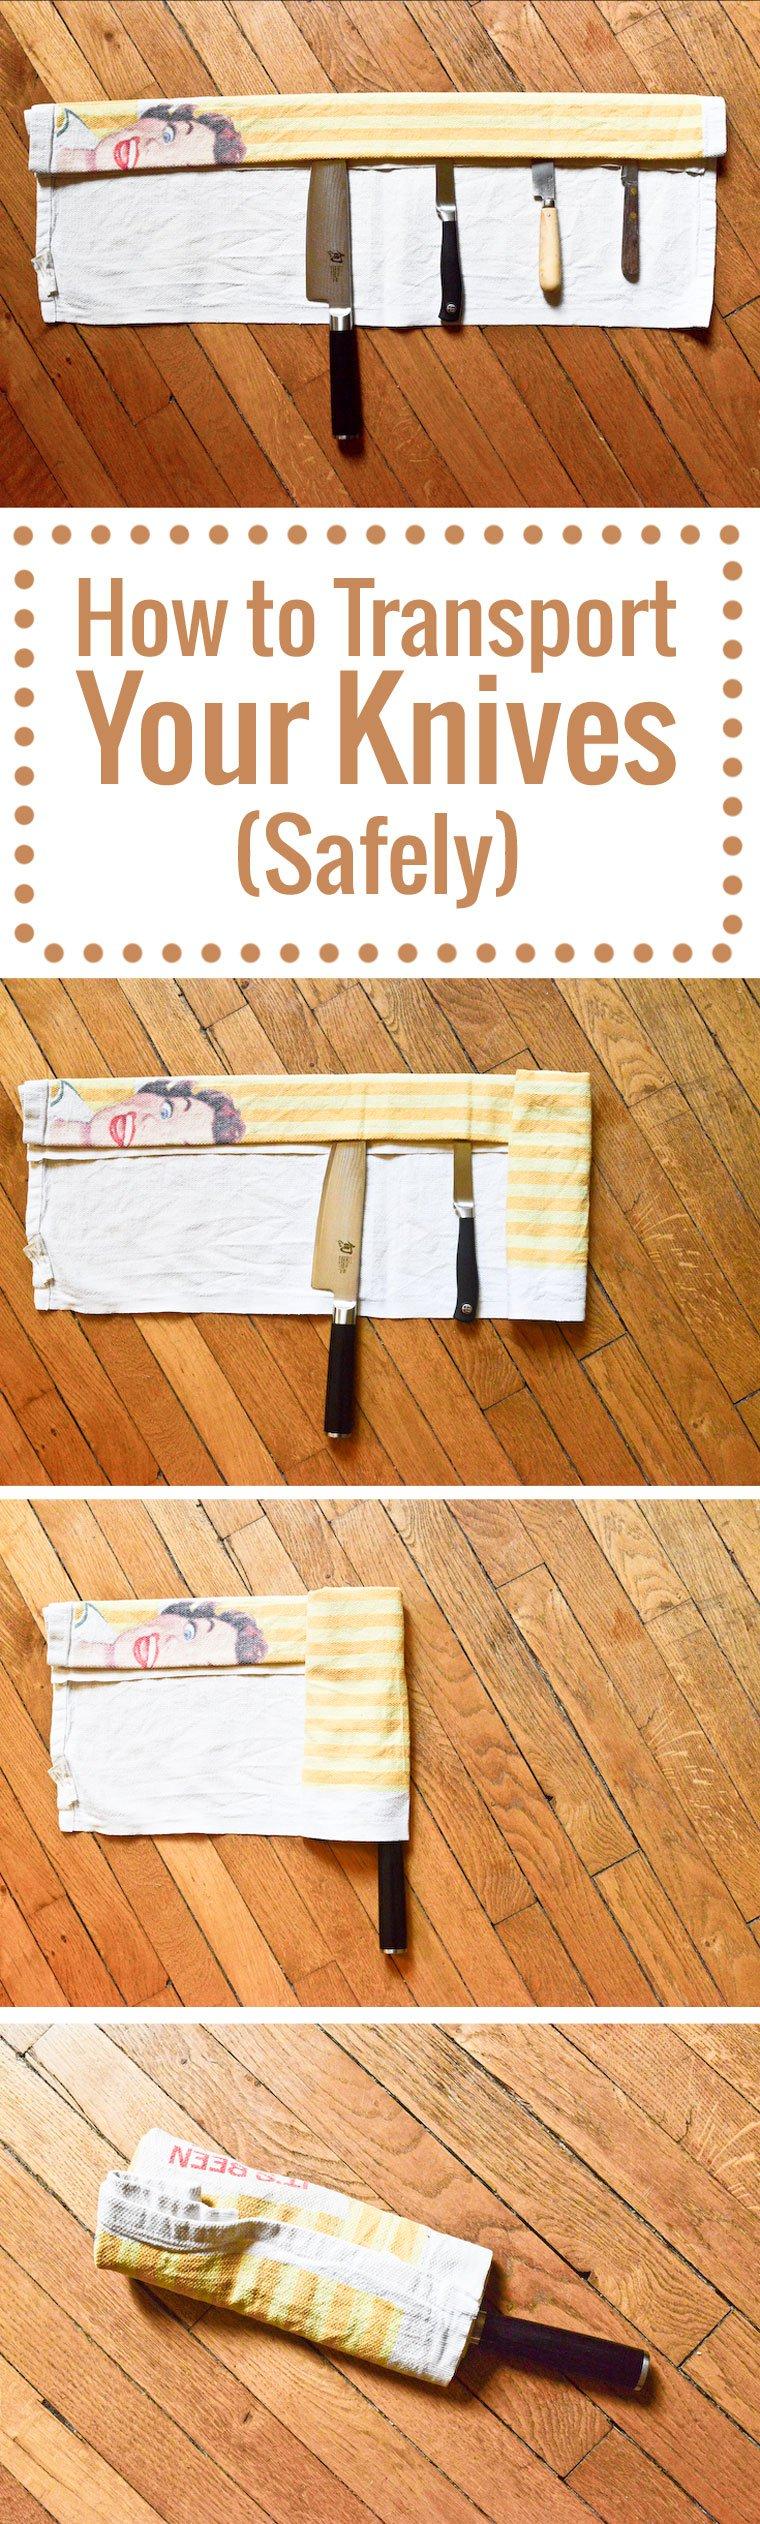 Une façon astucieuse de rouler ses couteaux dans un simple torchon pour les transporter sans risque.